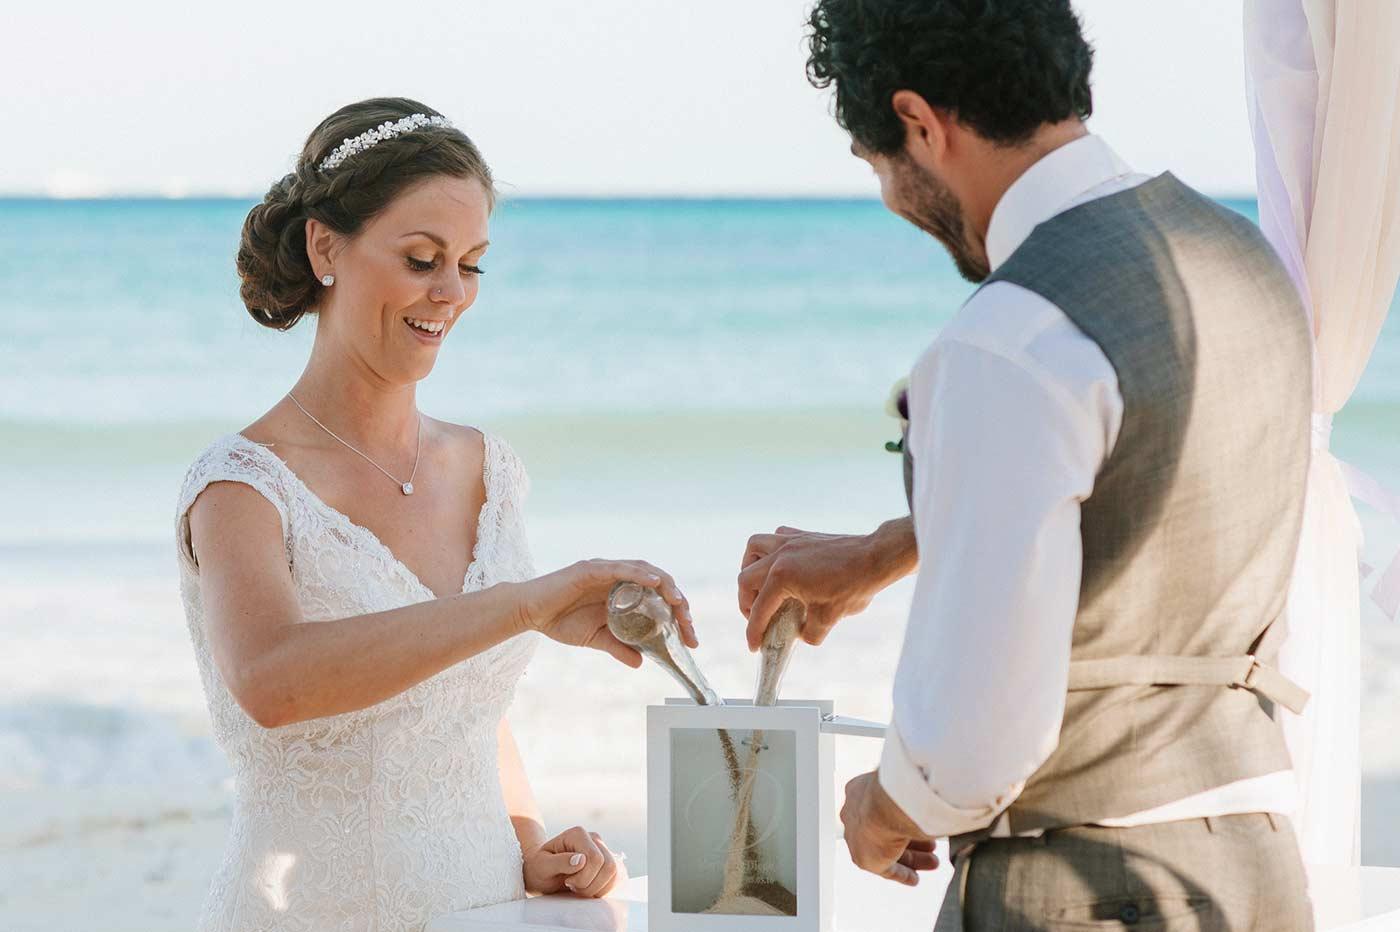 Sandzeremonie - die romantische Ergänzung für eine individuelle Trauung